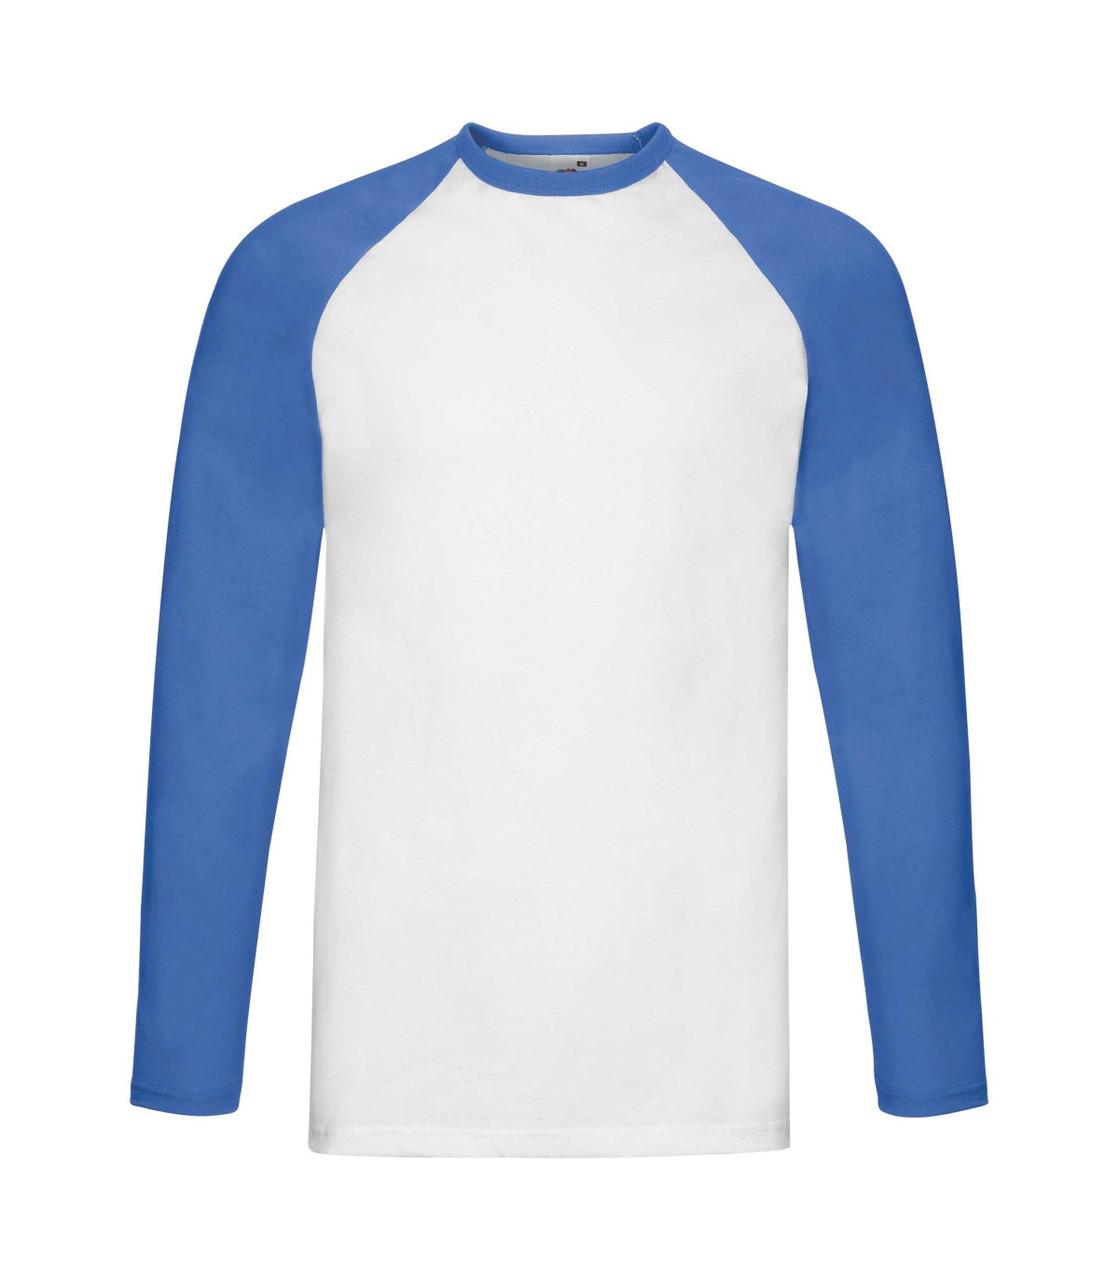 Мужская футболка с длинным рукавом бело-синяя 028-АW